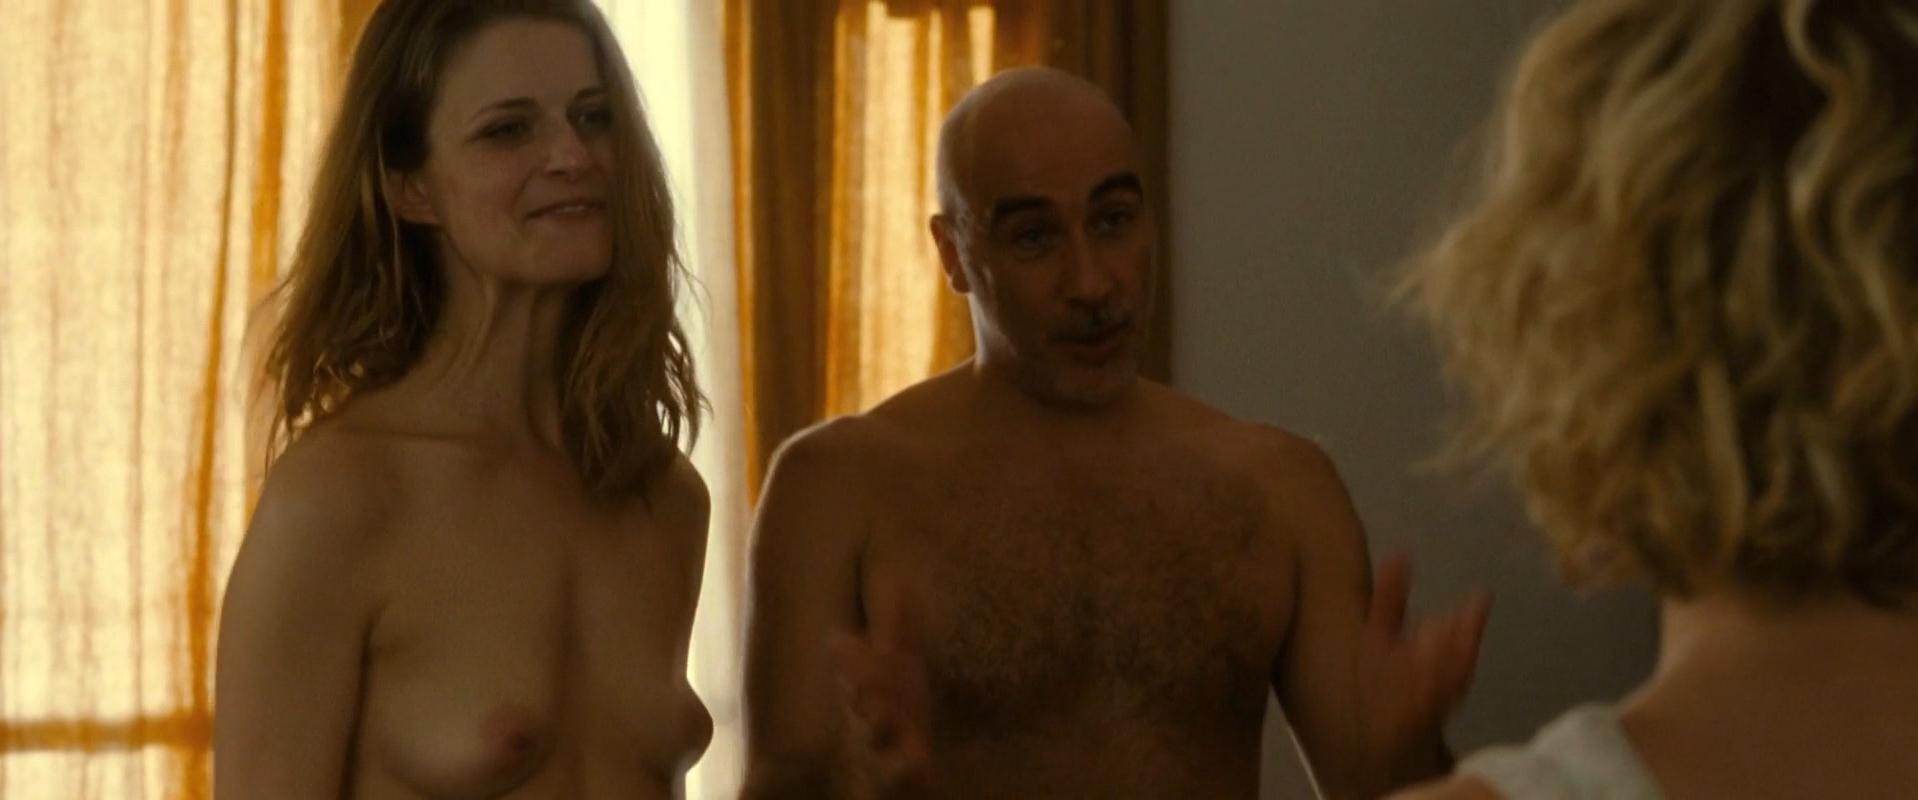 Floriane Muller nude - Jamais le premier soir (2014)